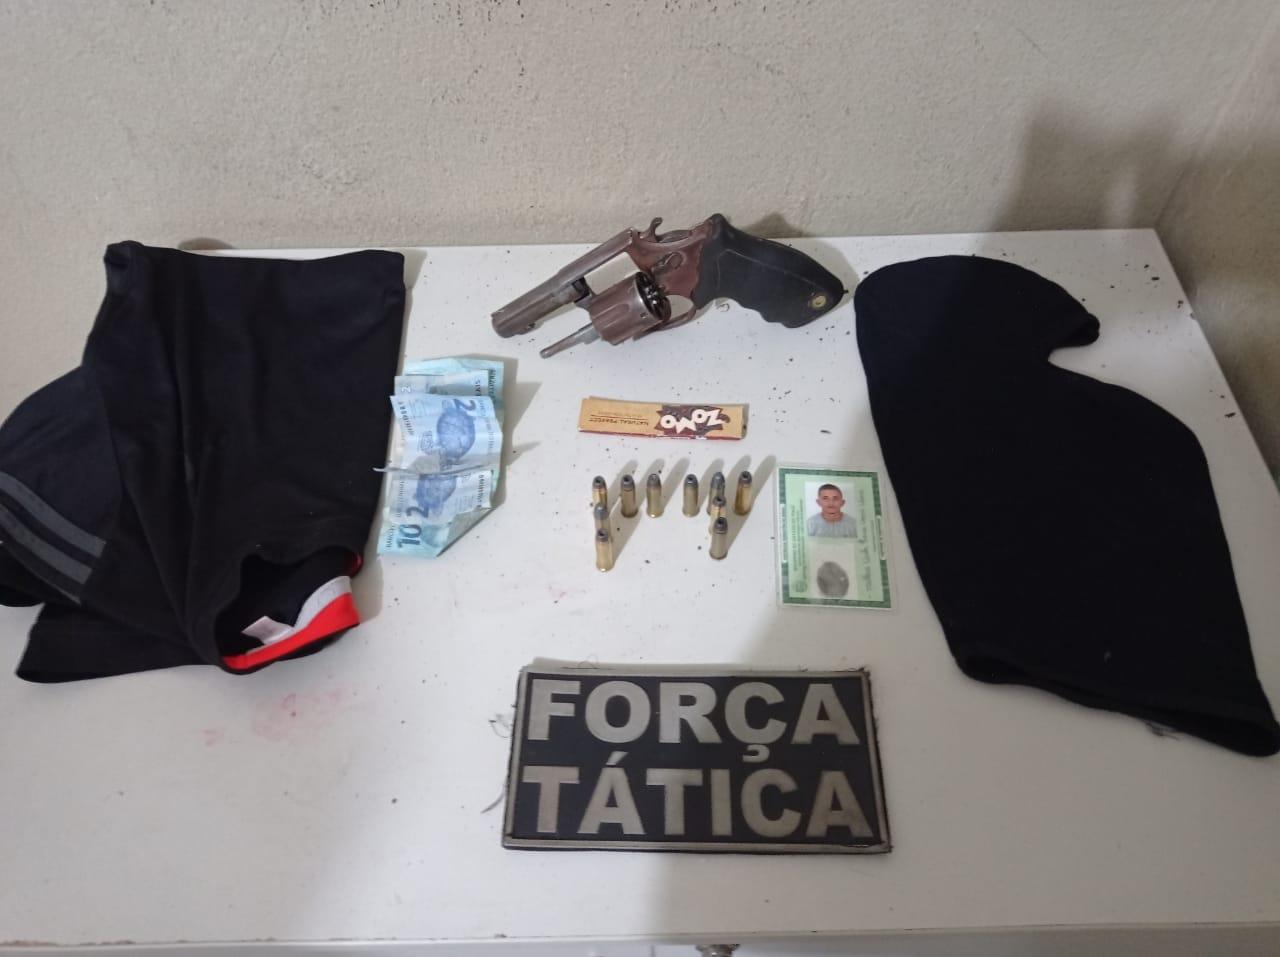 Acusado de matar jovem em Picos é preso (Divulgação)